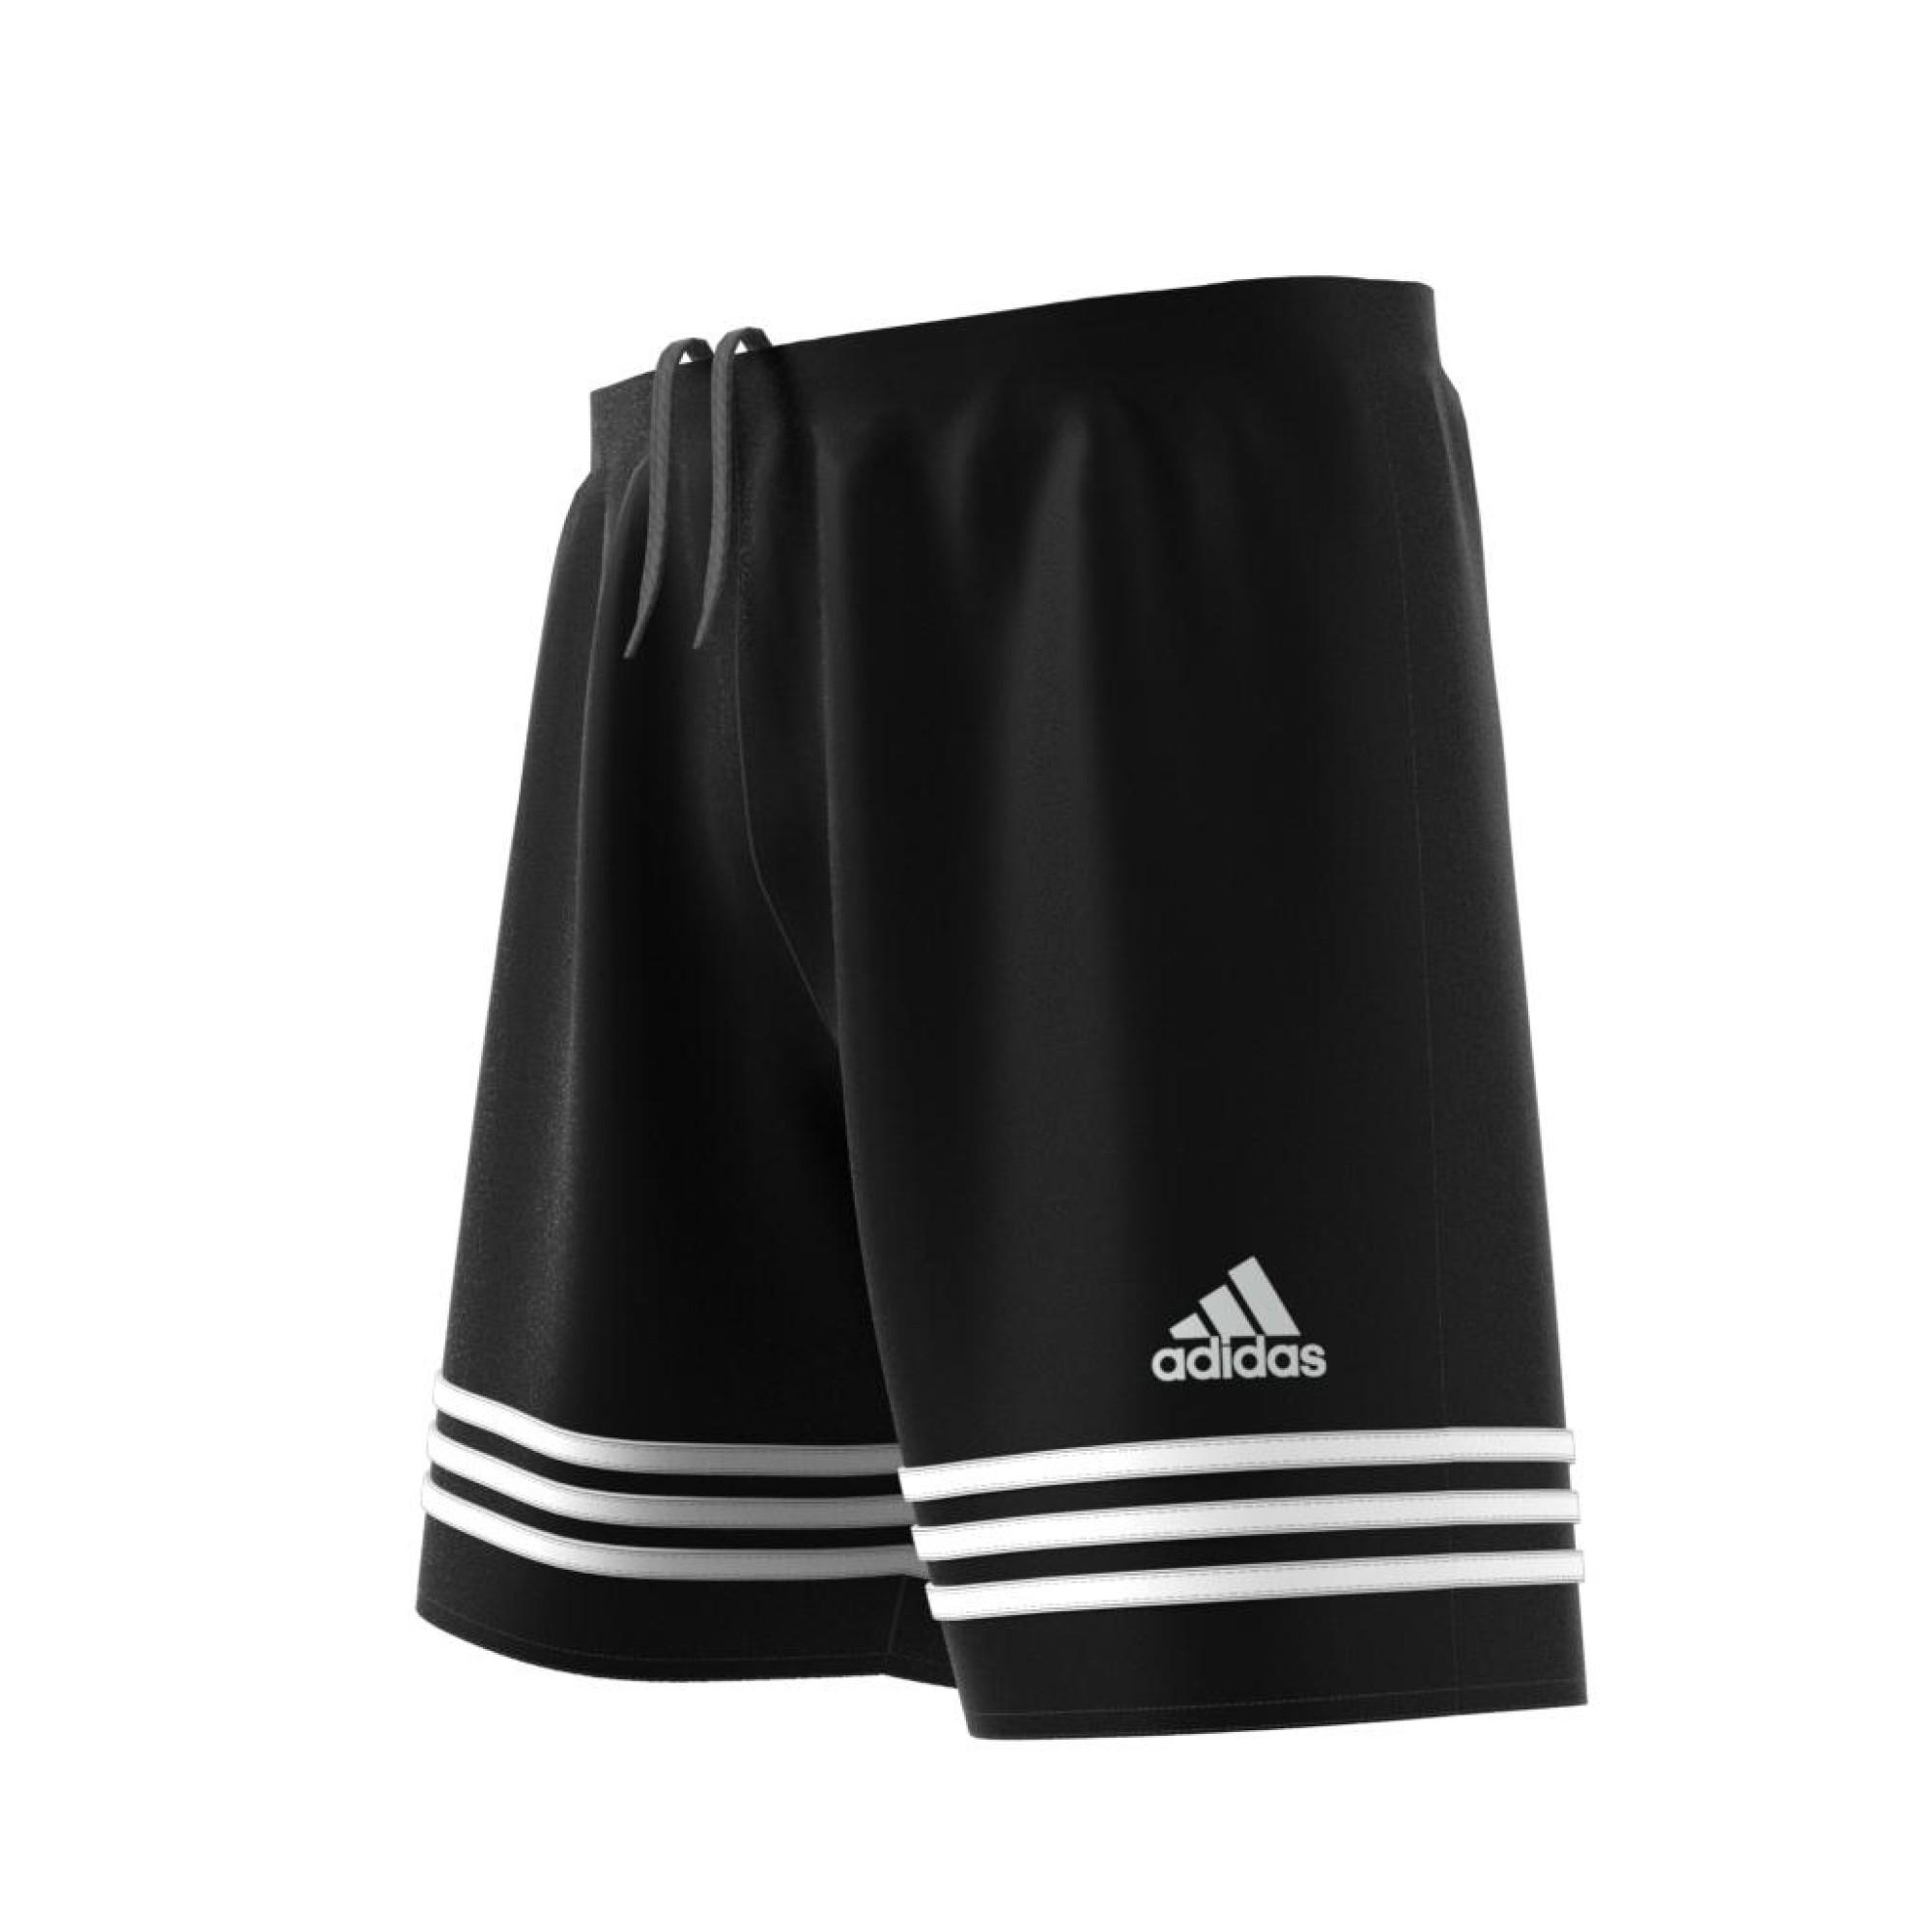 pantaloni adidas neri ragazza